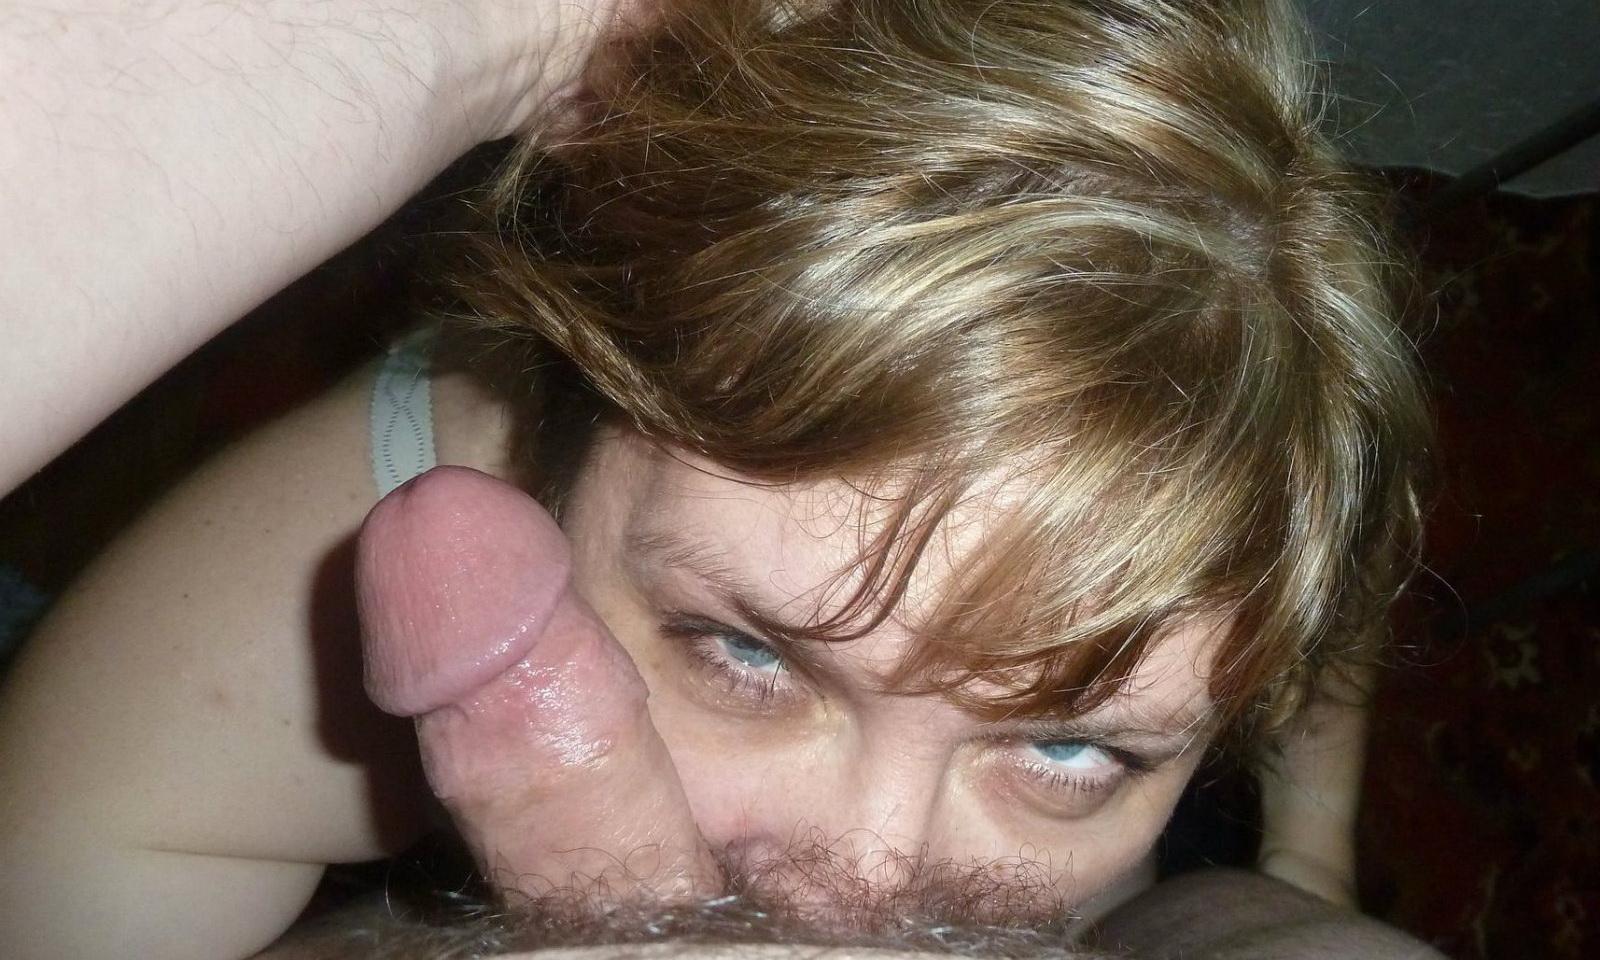 Умелые сучки ласкают пенисы любовников нежными устами 15 фото